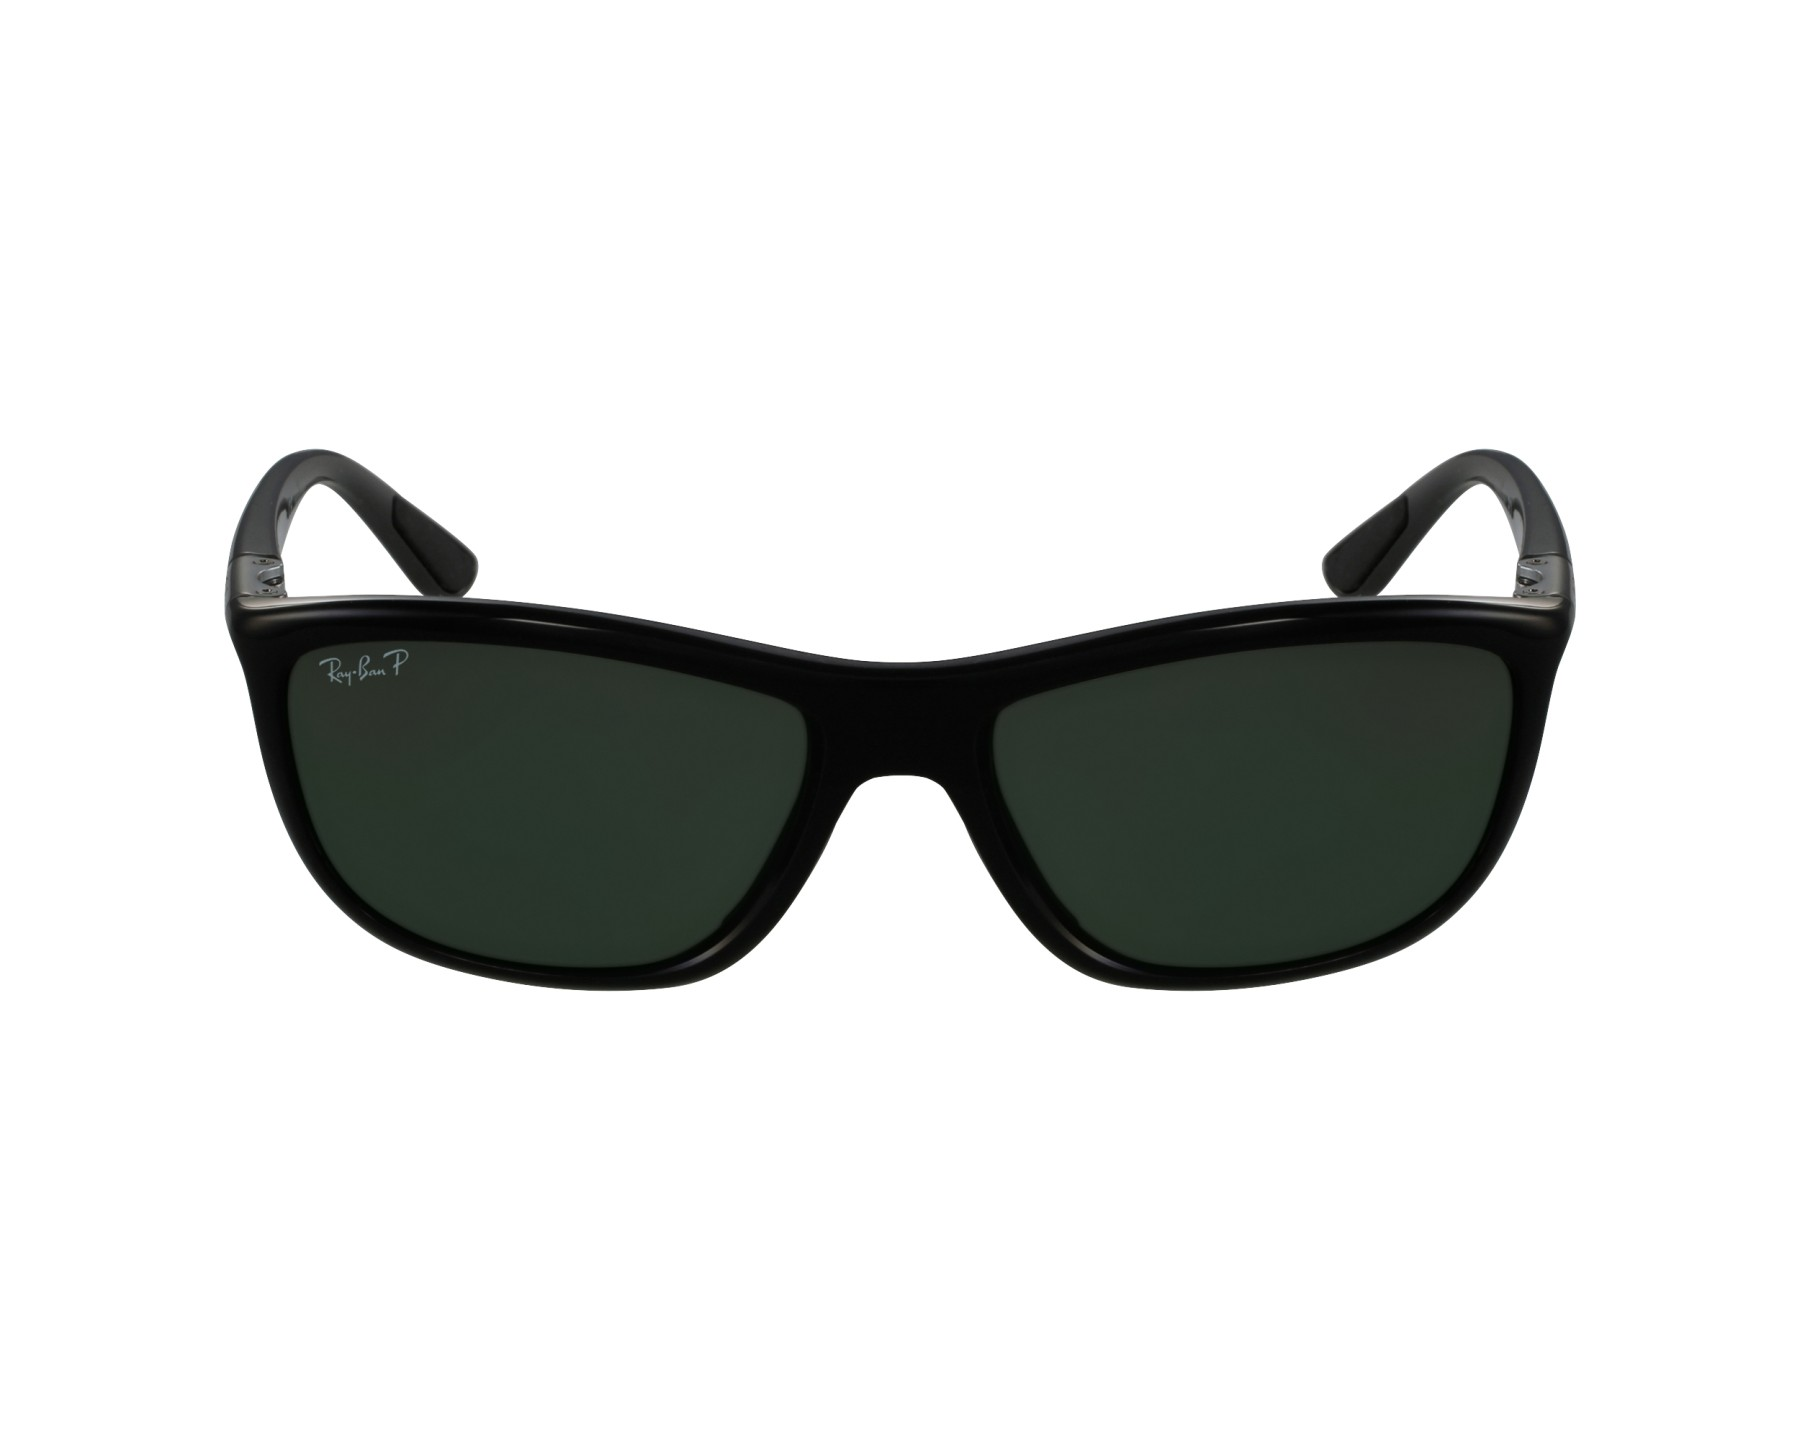 38c56f3f500 Sunglasses Ray-Ban RB-8351 6219 9A 60-17 Black Gun profile